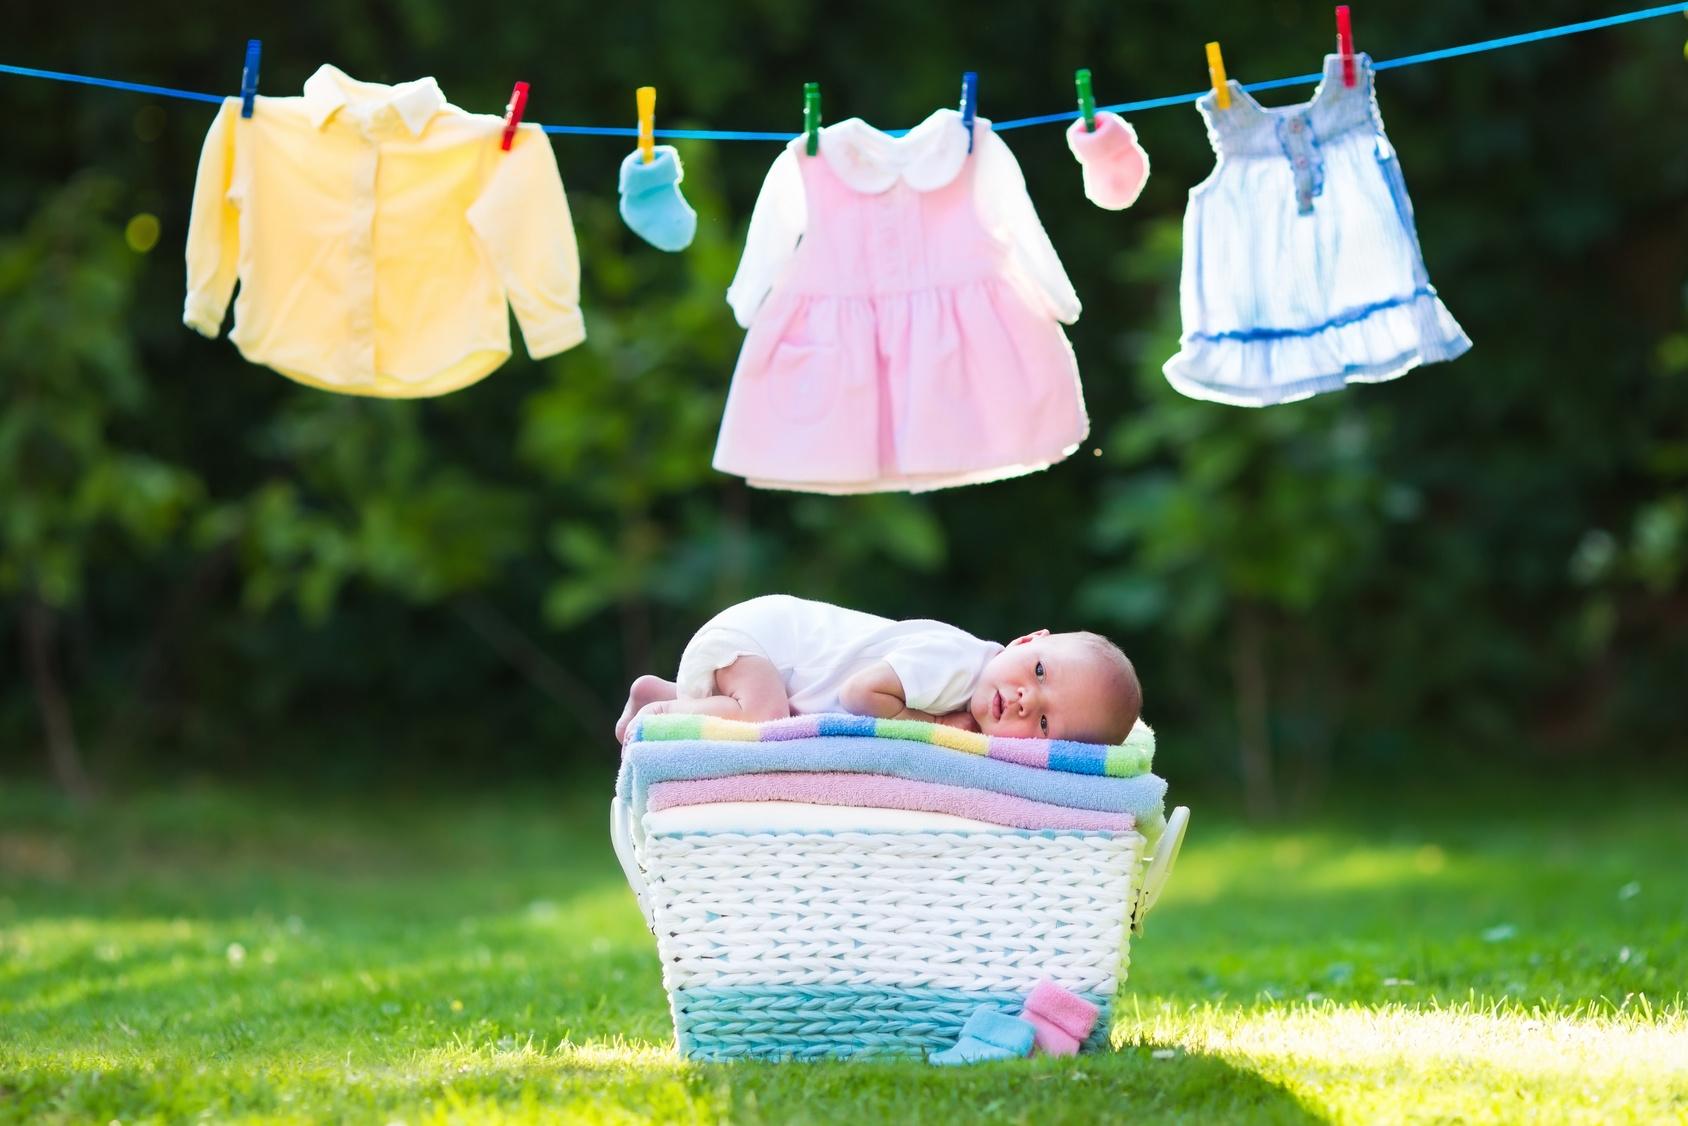 Në çfarë grade lahen rrobat e foshnjave dhe fëmijëve?